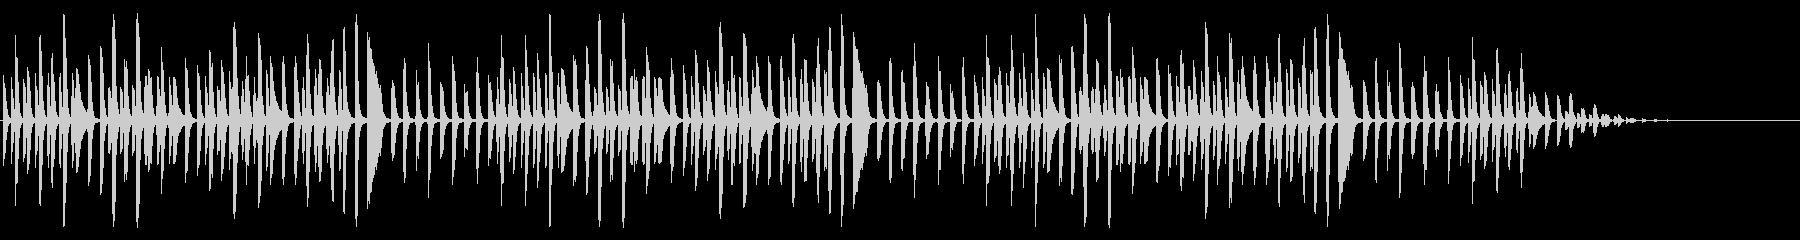 ヨドバシカメラで有名な曲のピアノソロの未再生の波形